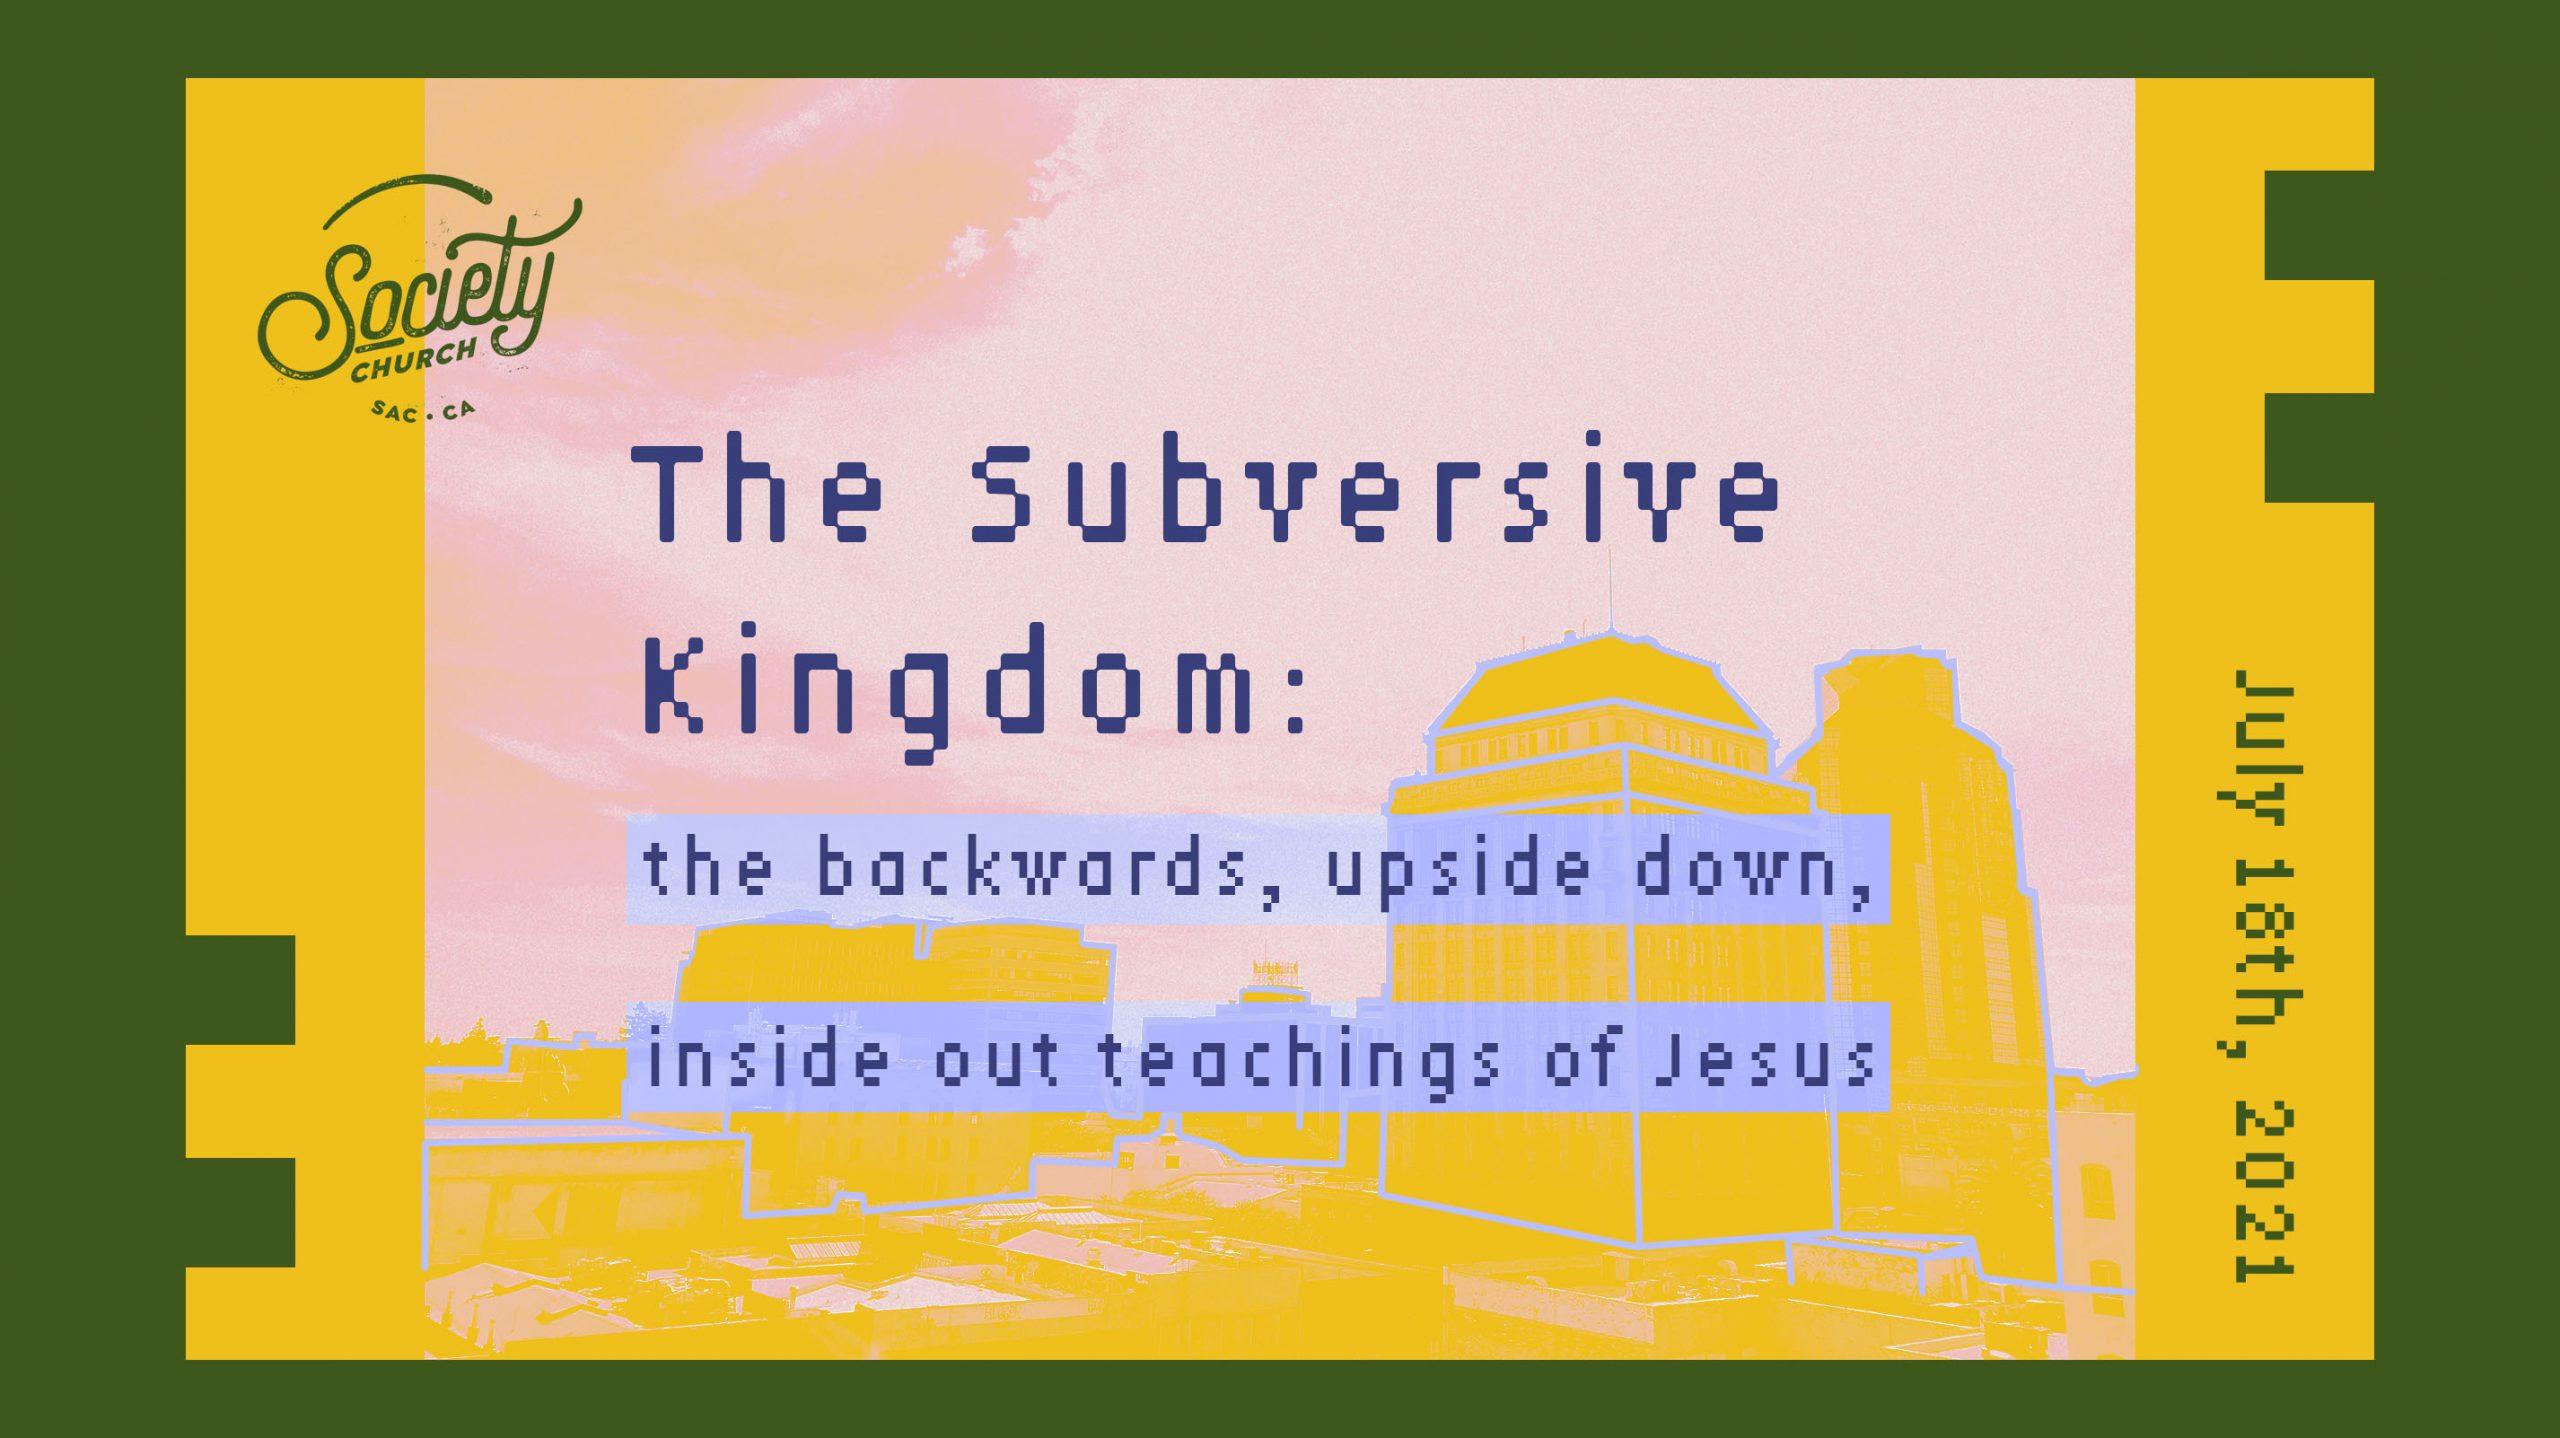 The Subversive Kingdom: Week 4